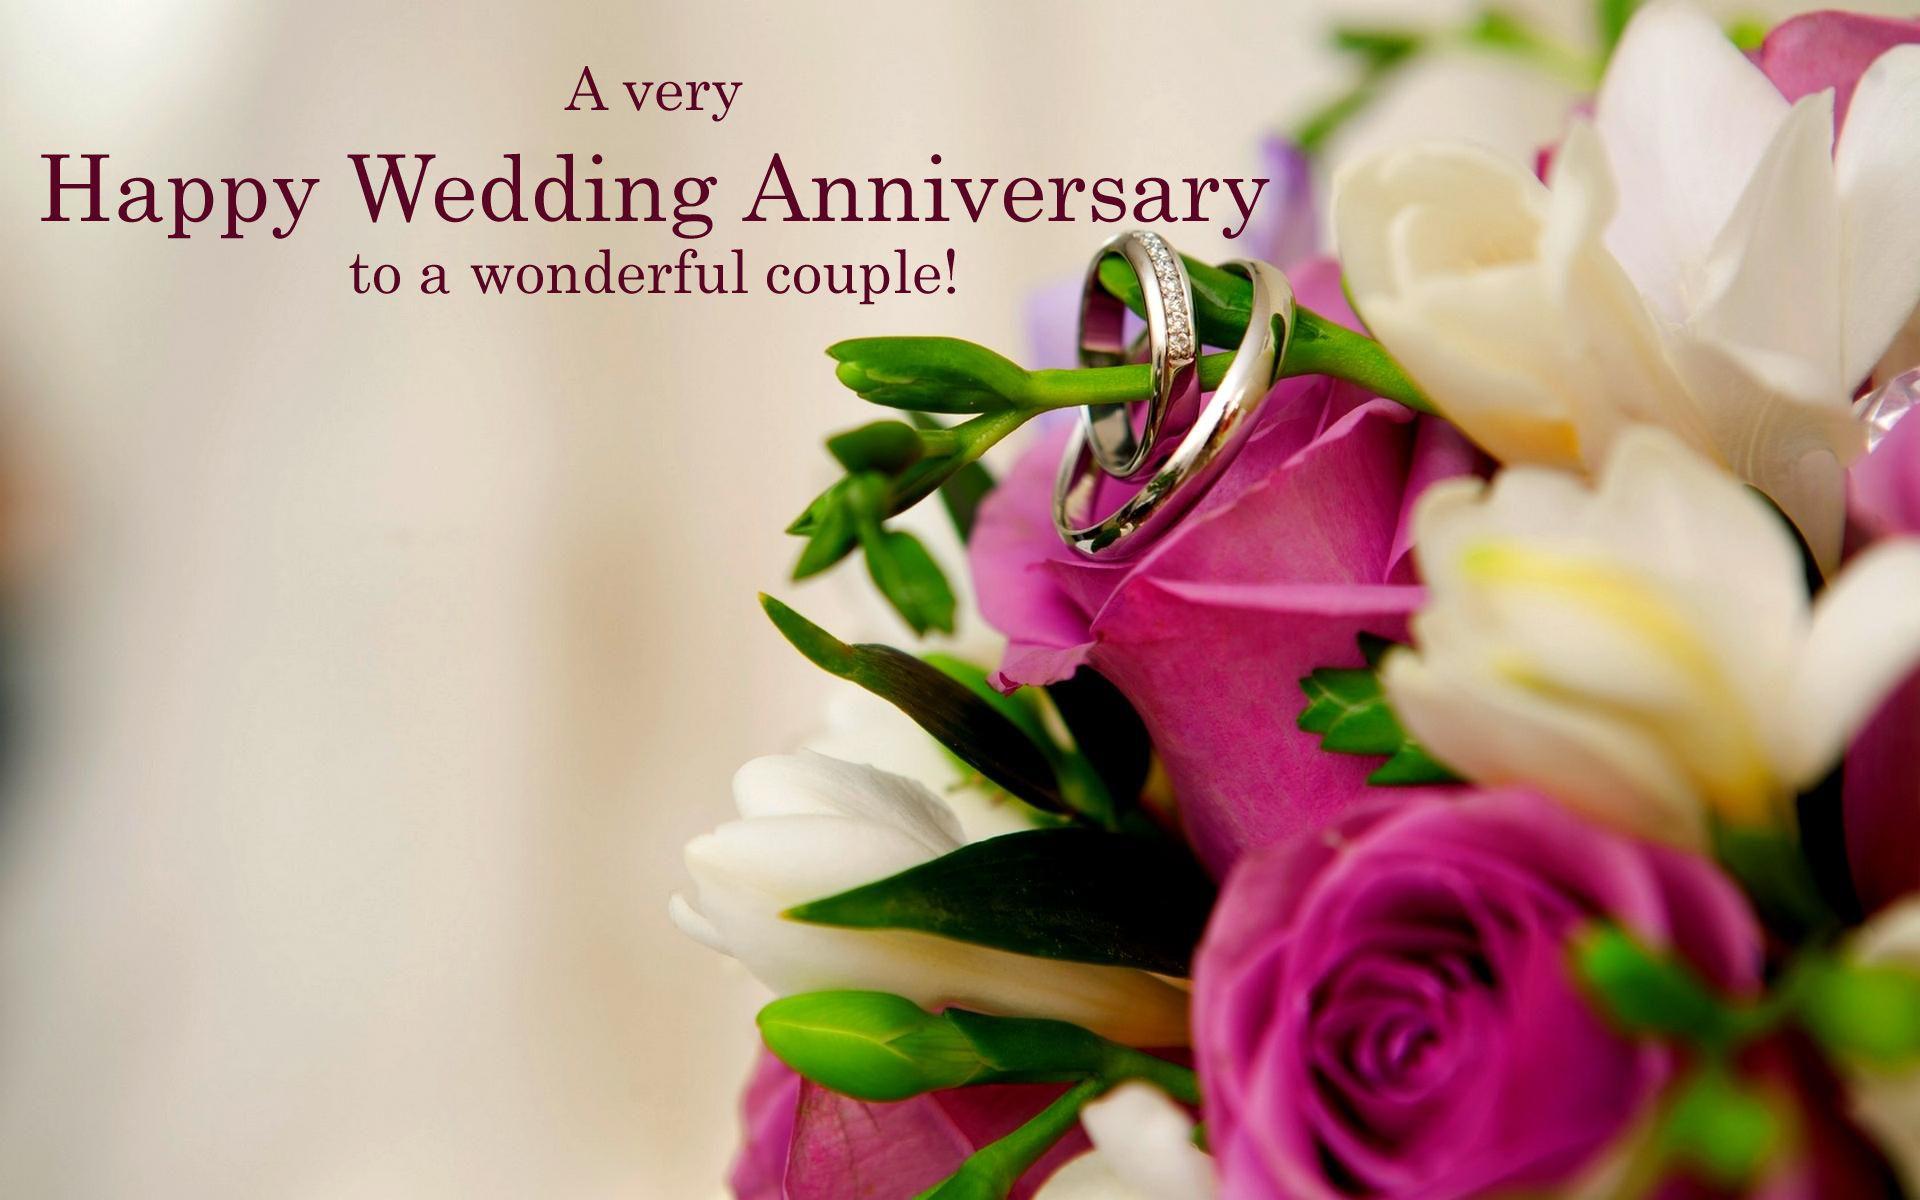 Quà tặng kỷ niệm ngày cưới ý nghĩa phù hợp với mọi đối tượng